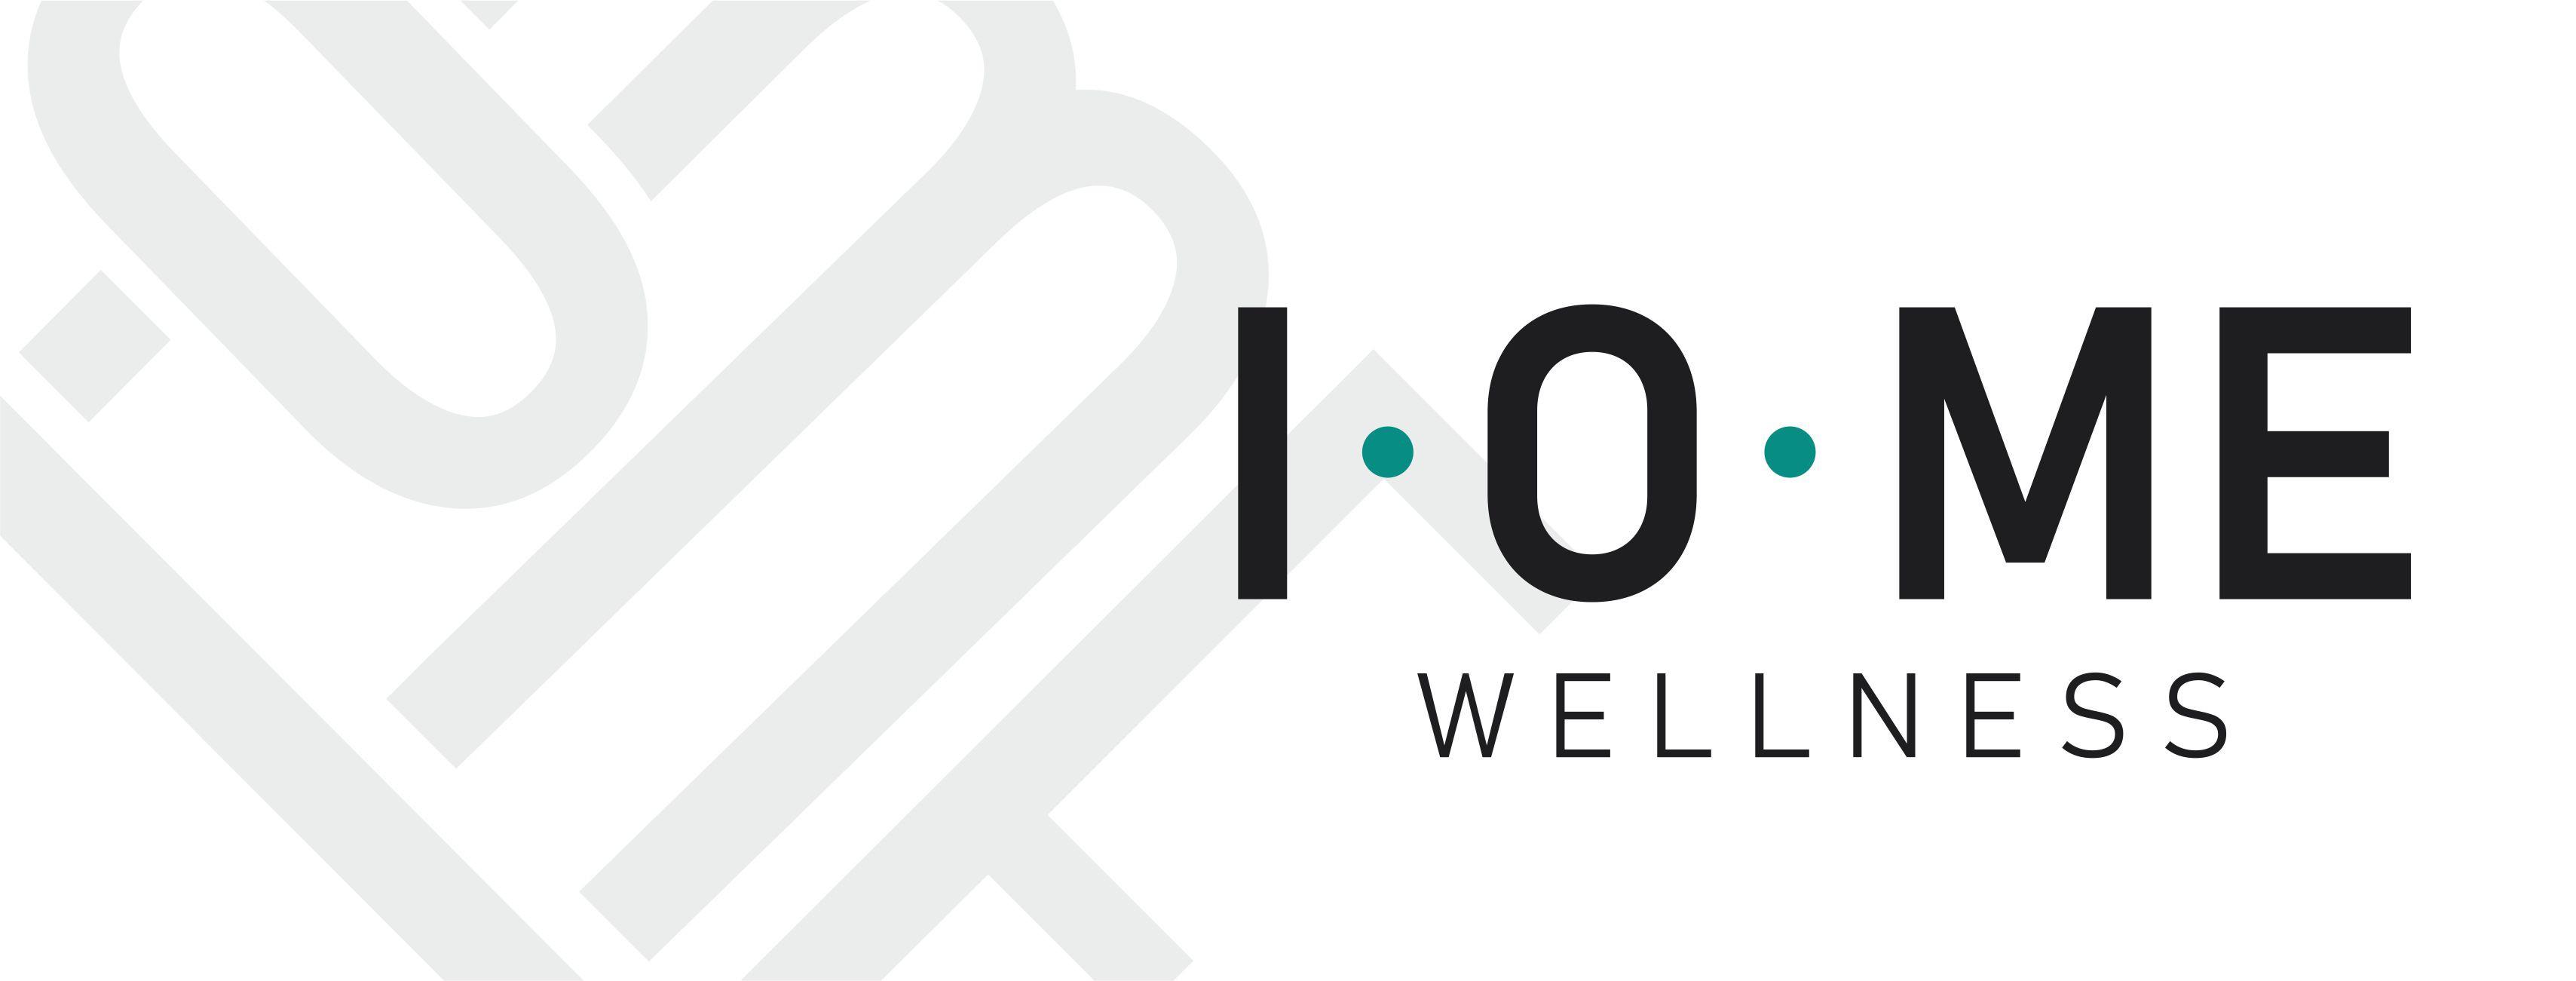 Create a kickass logo for a new wellness company